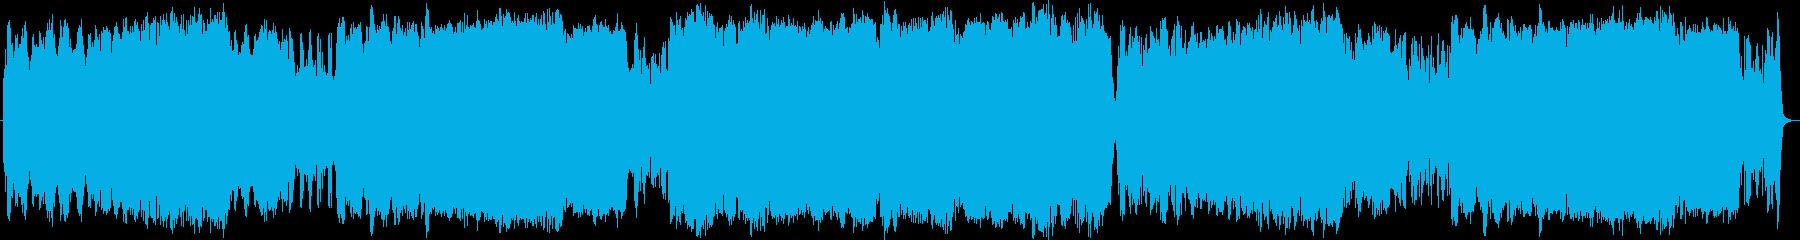 荒涼とした草原オーケストラフルートメインの再生済みの波形